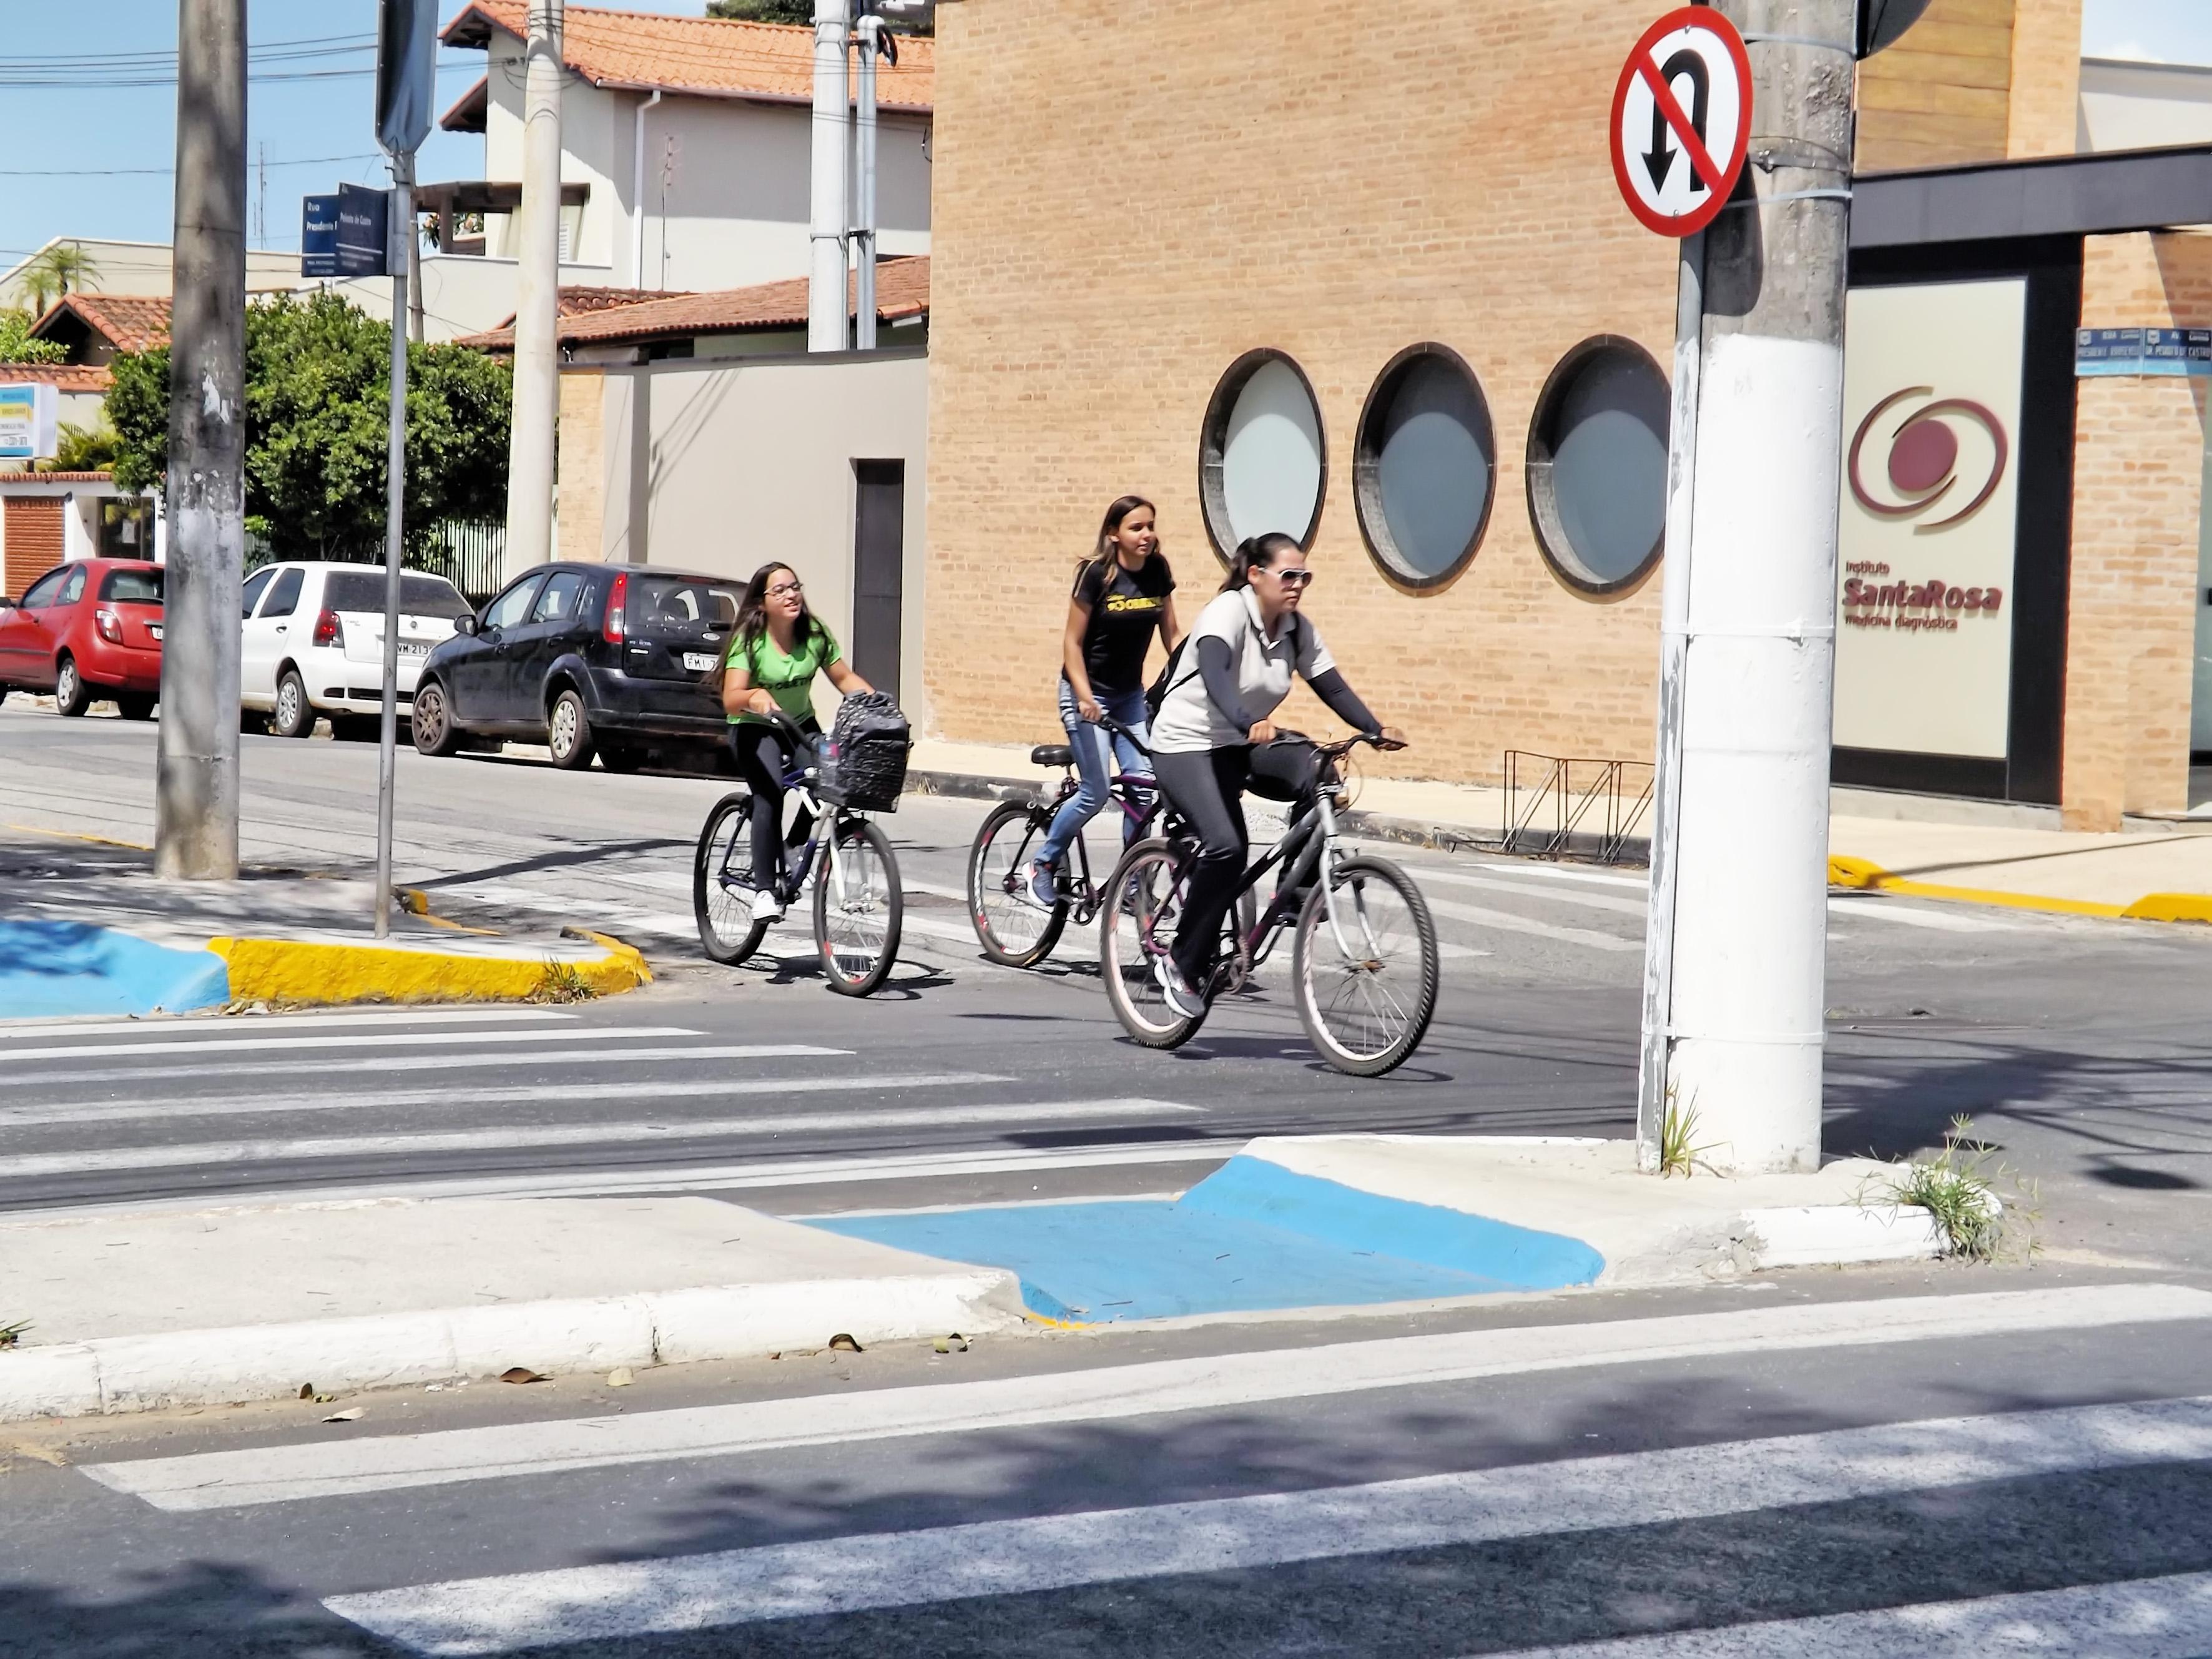 Ciclistas atravessam avenida Peixoto de Castro, que recebe obras para reestruturar acessibilidade (Foto: Lucas Barbosa)